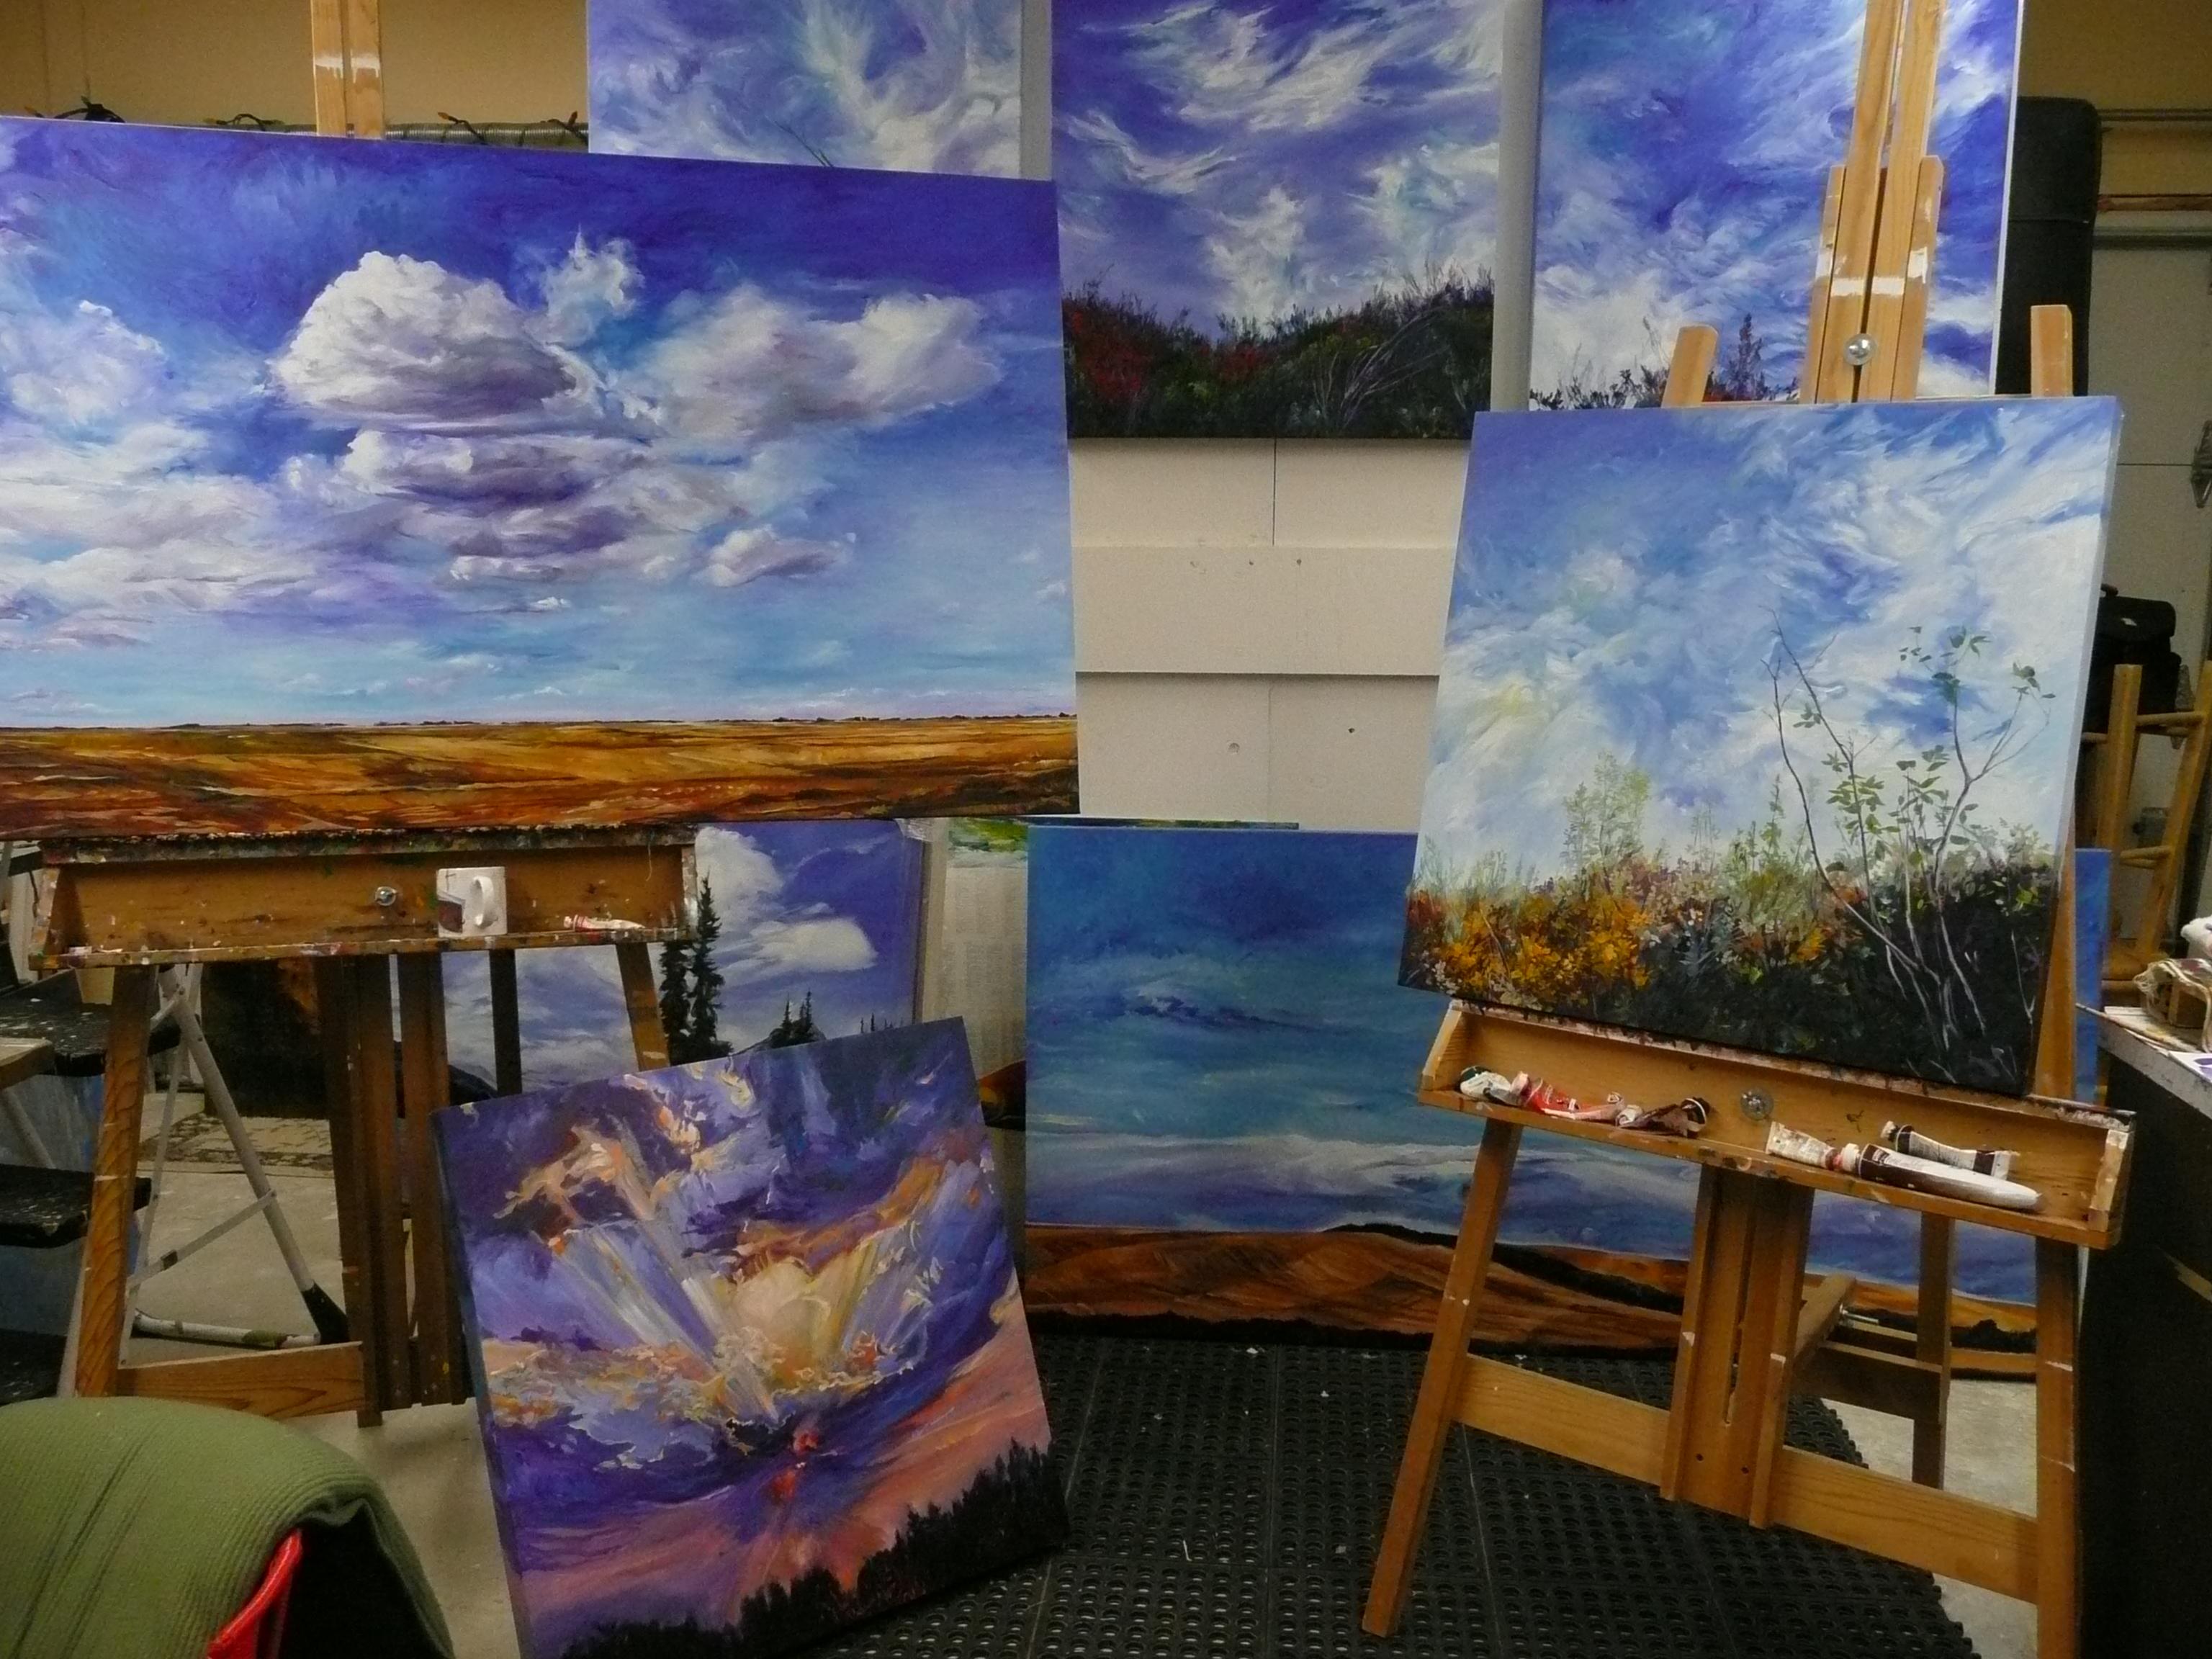 Heaven in My Studio